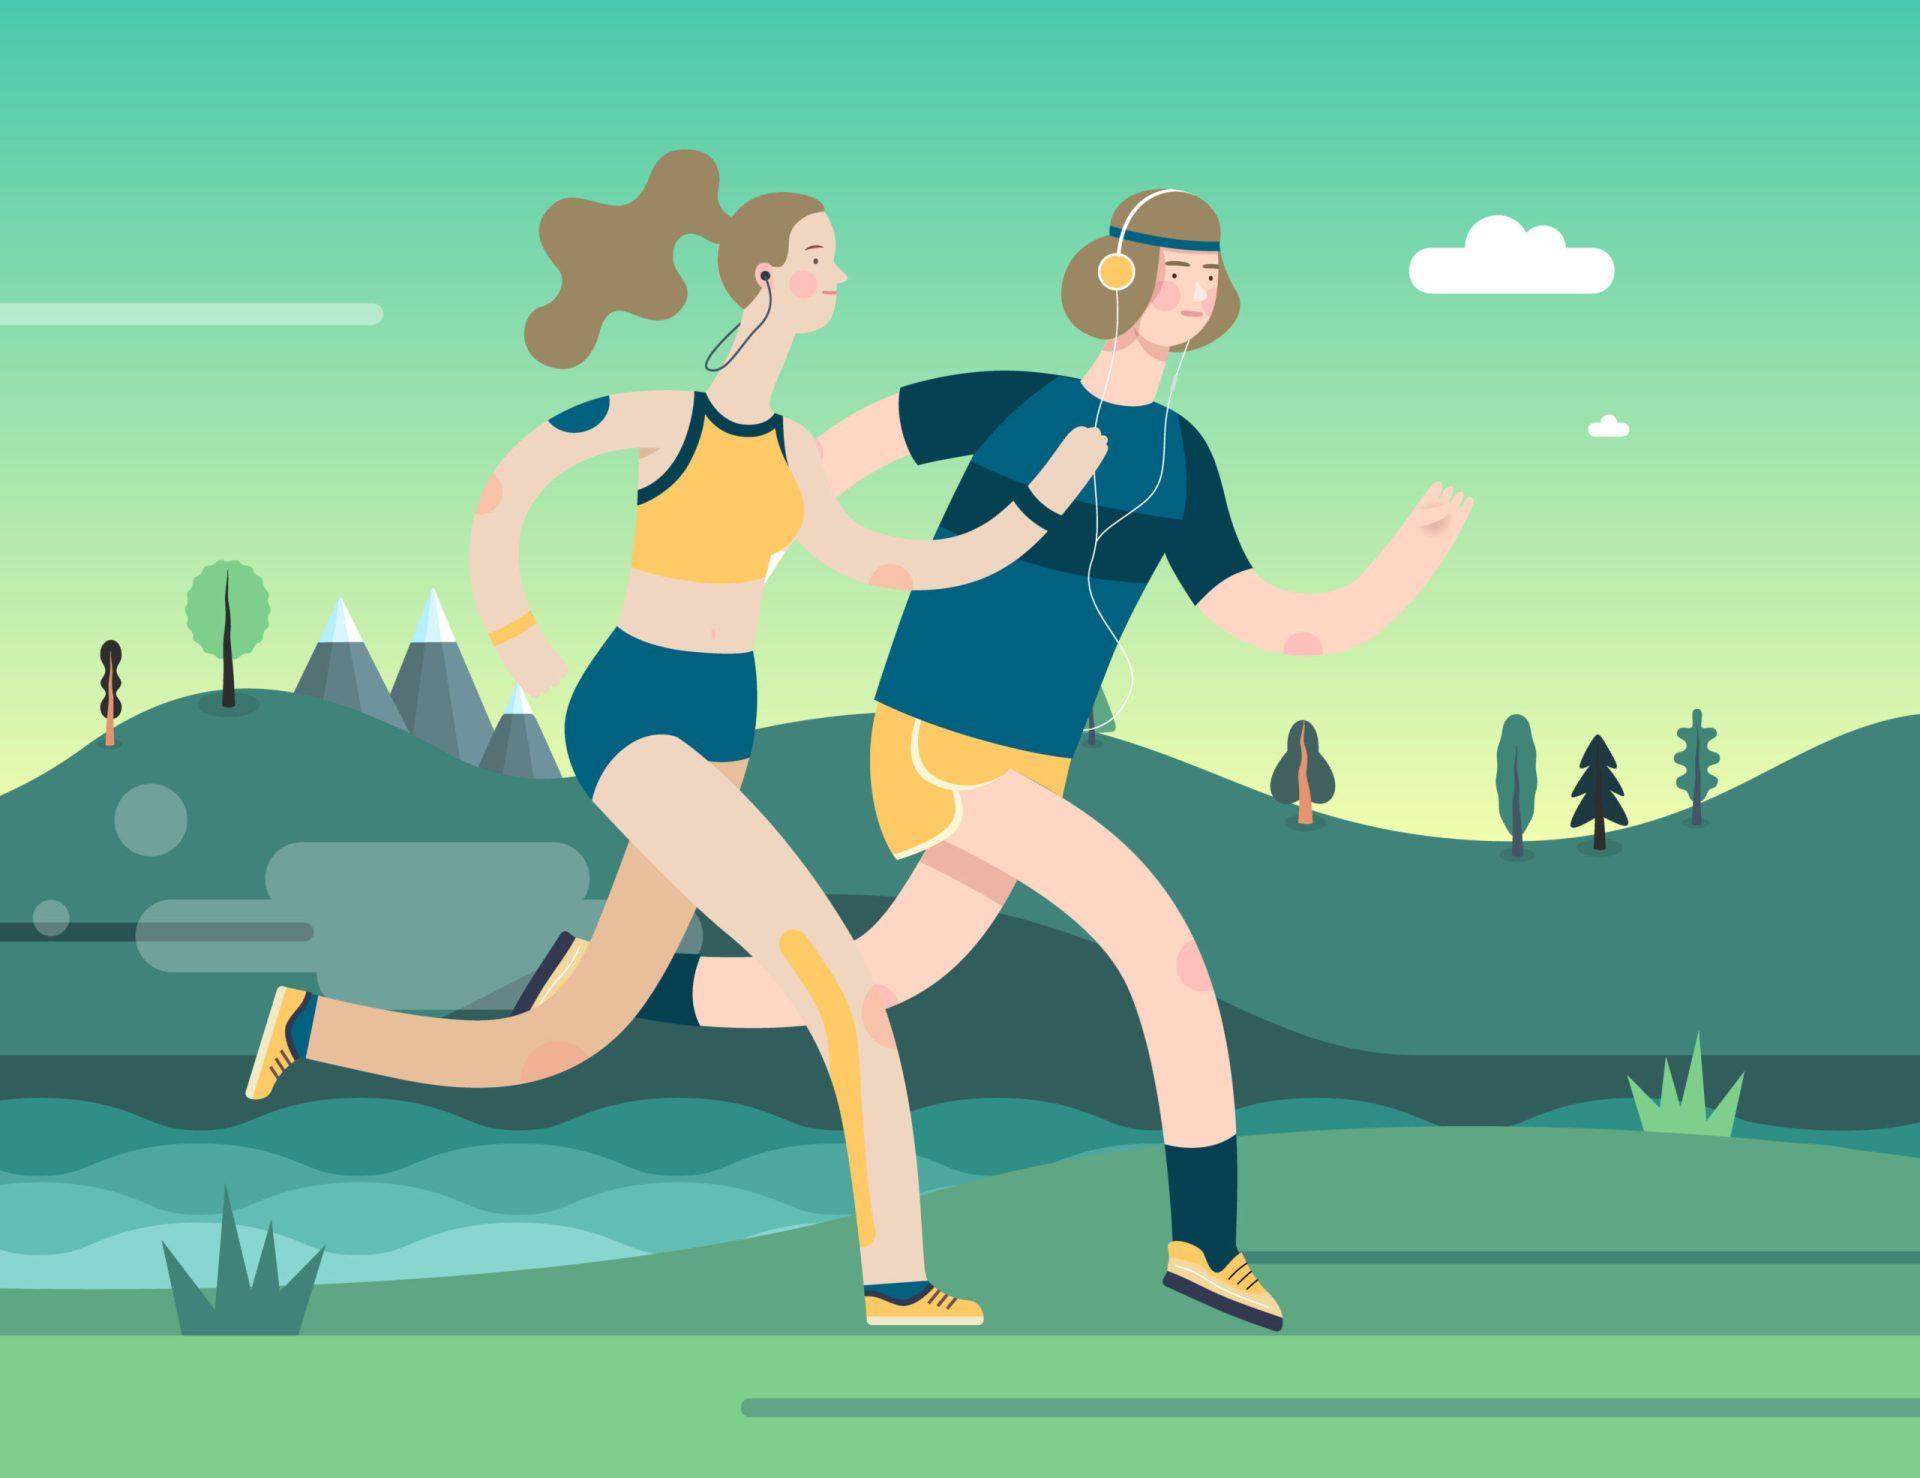 Dacă ai pulsul accelerat, gâfâi puternic, transpiri exagerat sau simți un disconfort accentuat, e cazul să scazi intensitatea antrenamentului sau să le amâni pentru altădată.